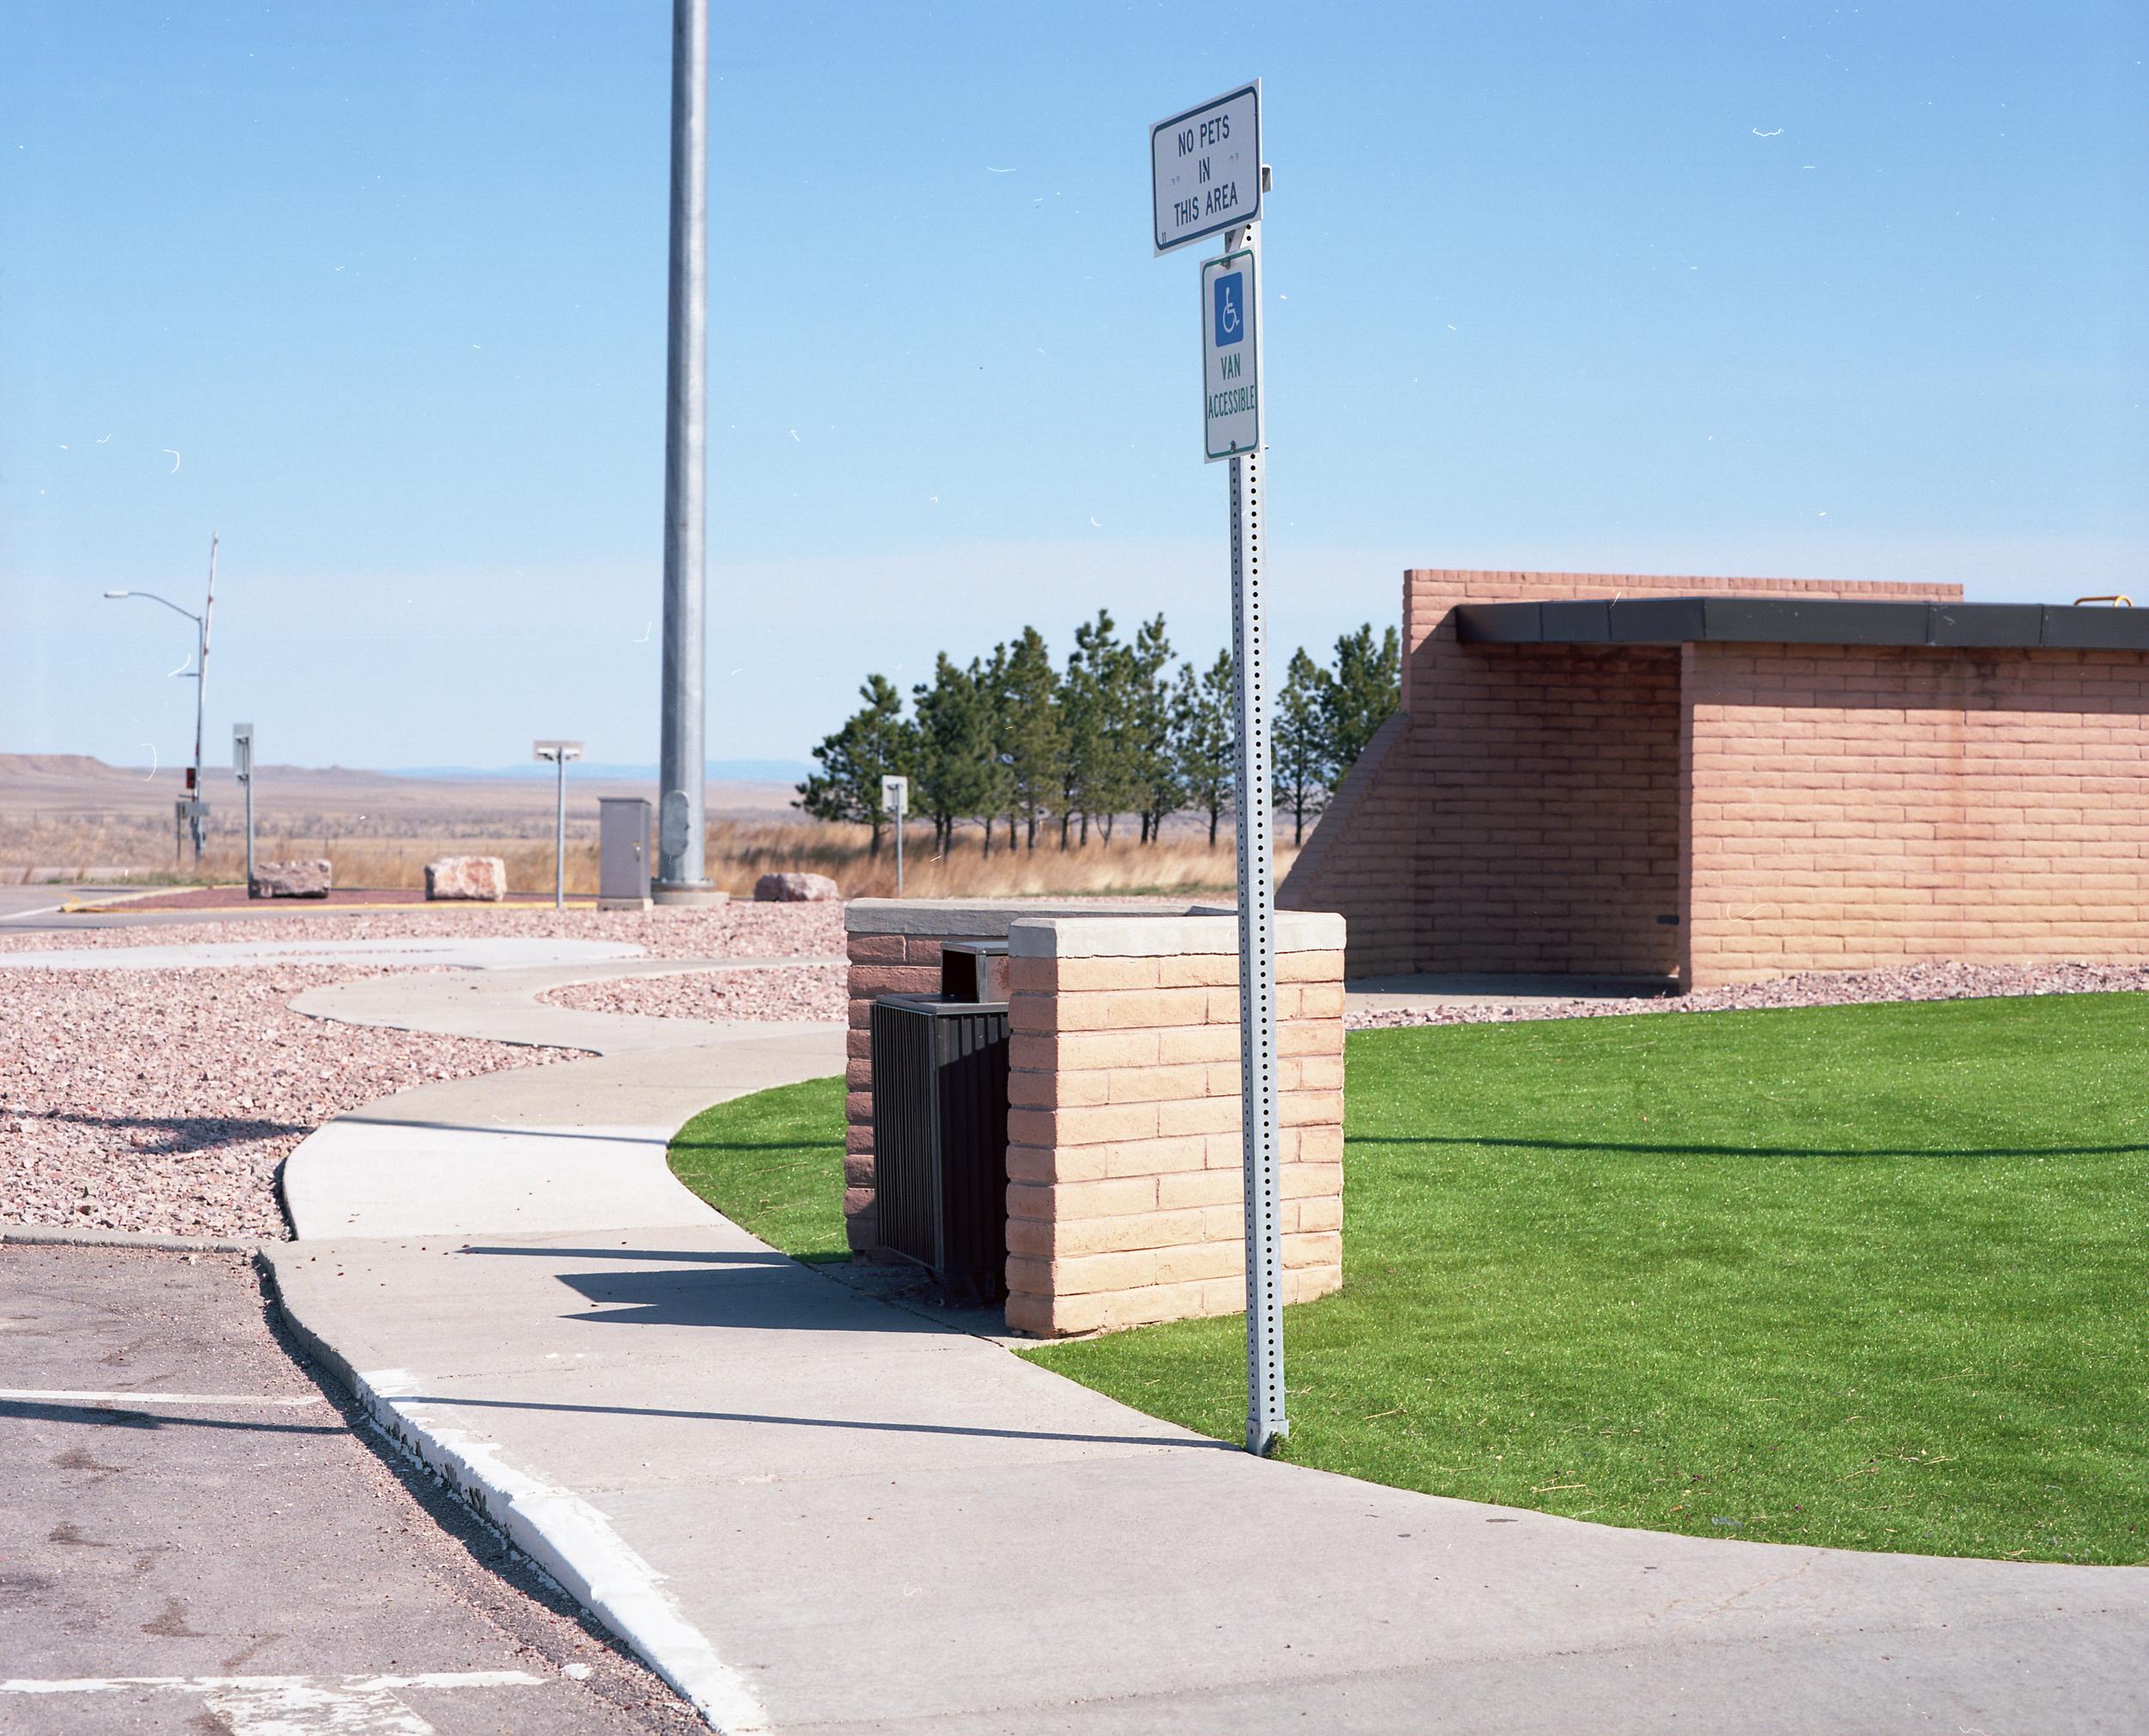 Roadtrip037.jpg